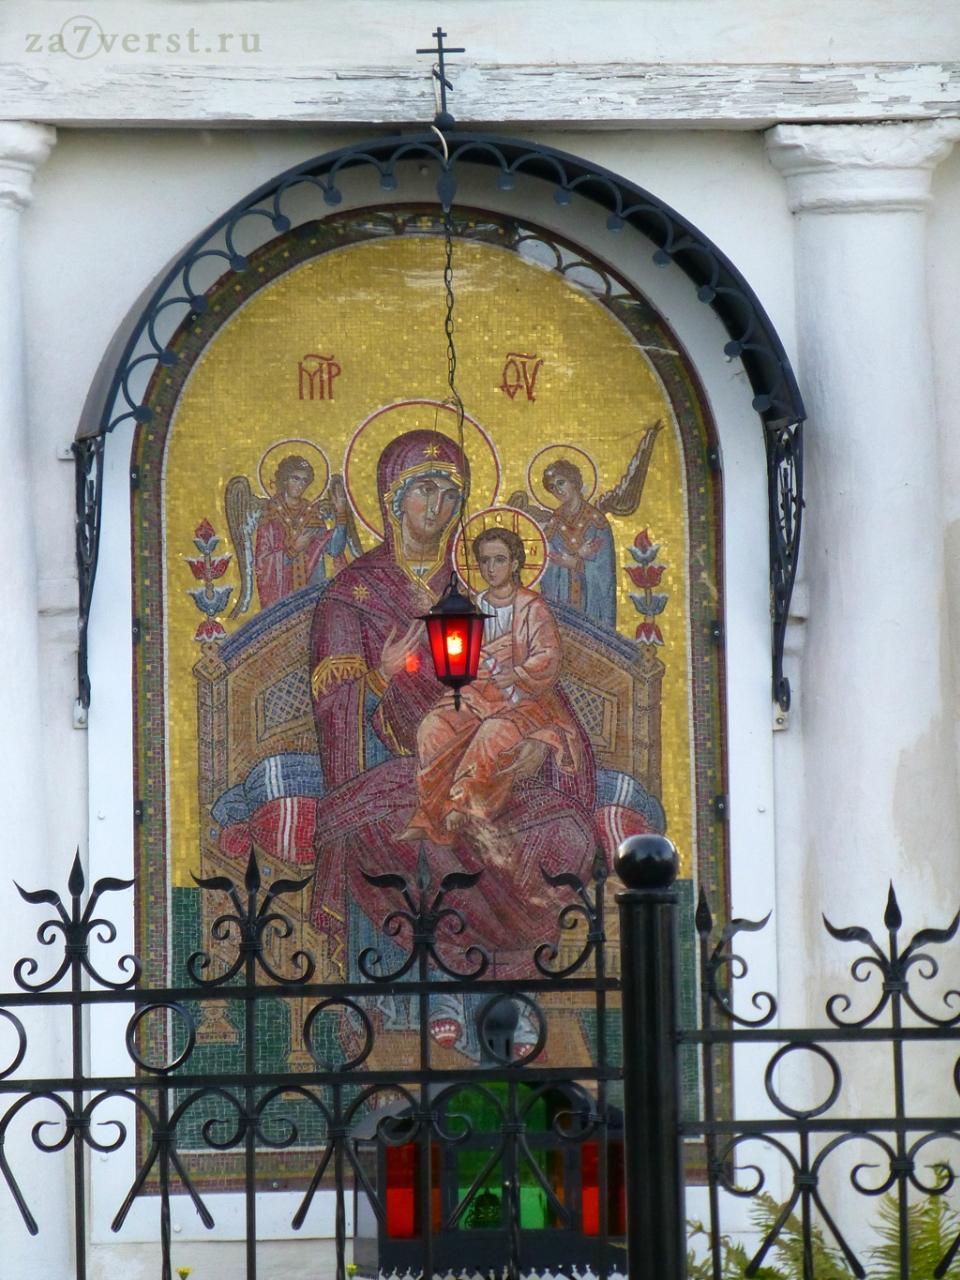 Икона росписи артели Лаврентия Севастьянова